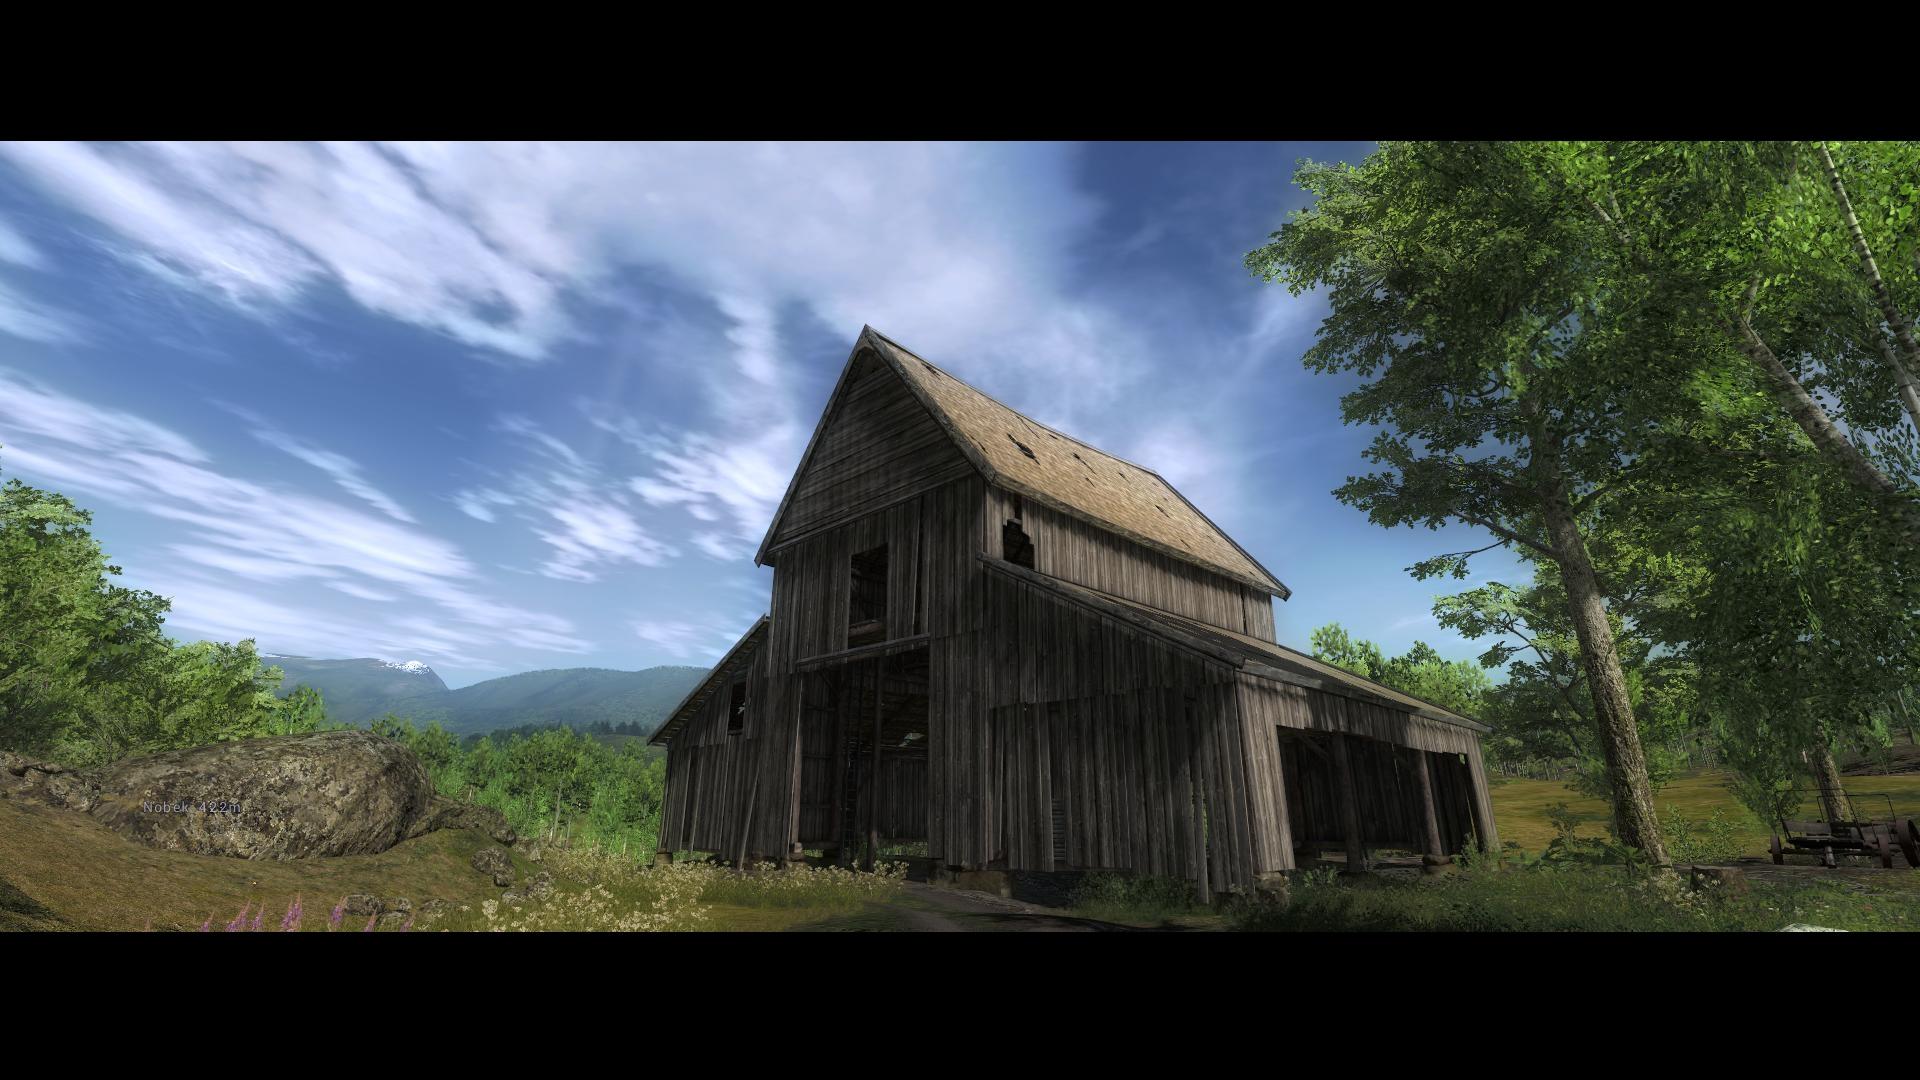 Il vecchio fienile Thehunter_barn_1